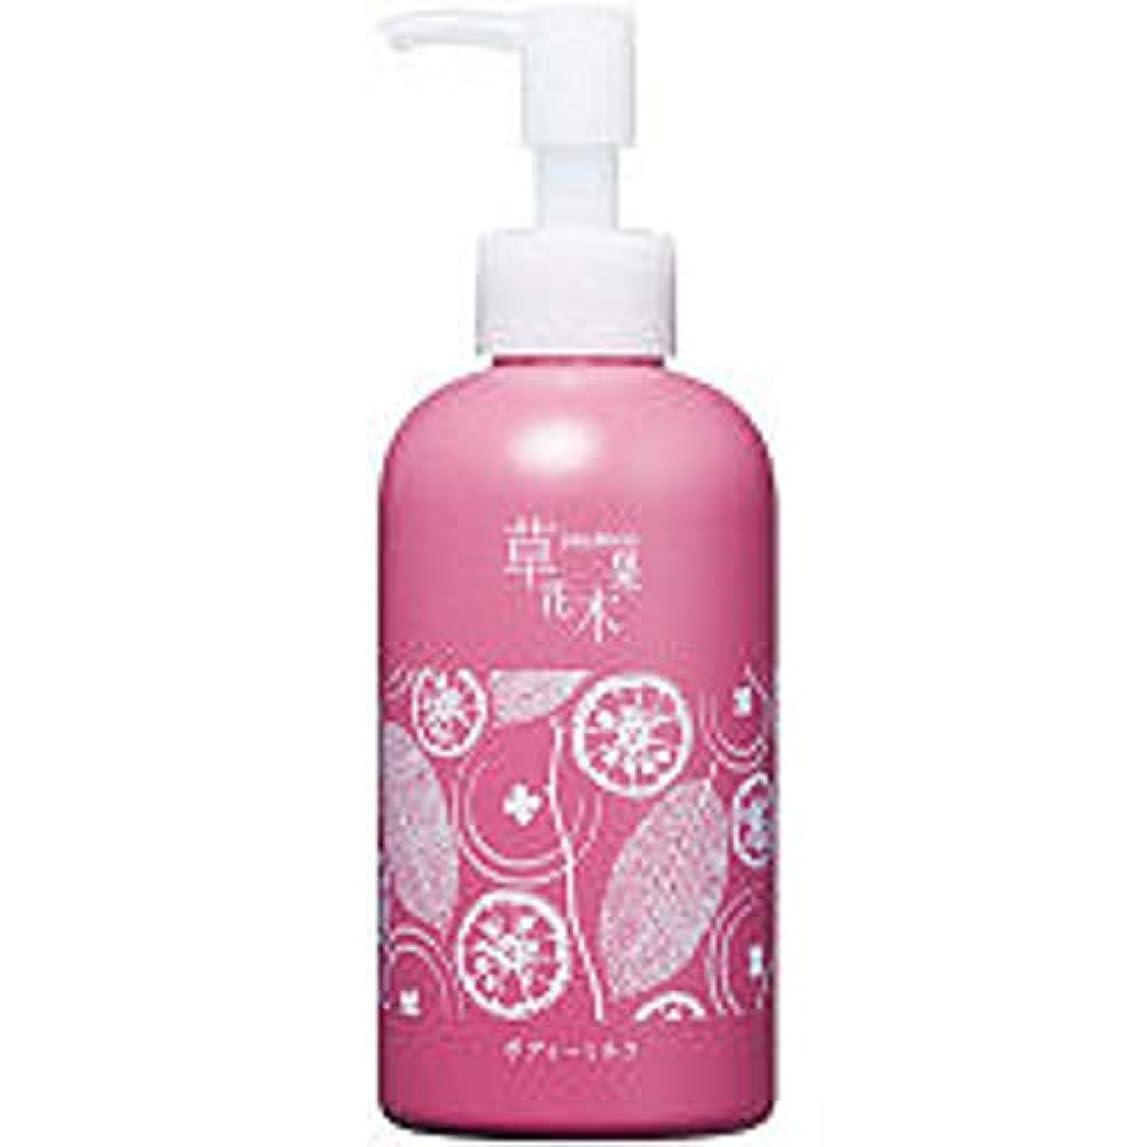 雑多なウェーハロースト草花木果(そうかもっか) アロマボディミルク(花の香りのボディミルク)(200mL 約30回分?両腕と両脚に使用した場合) ボディーミルク 保湿